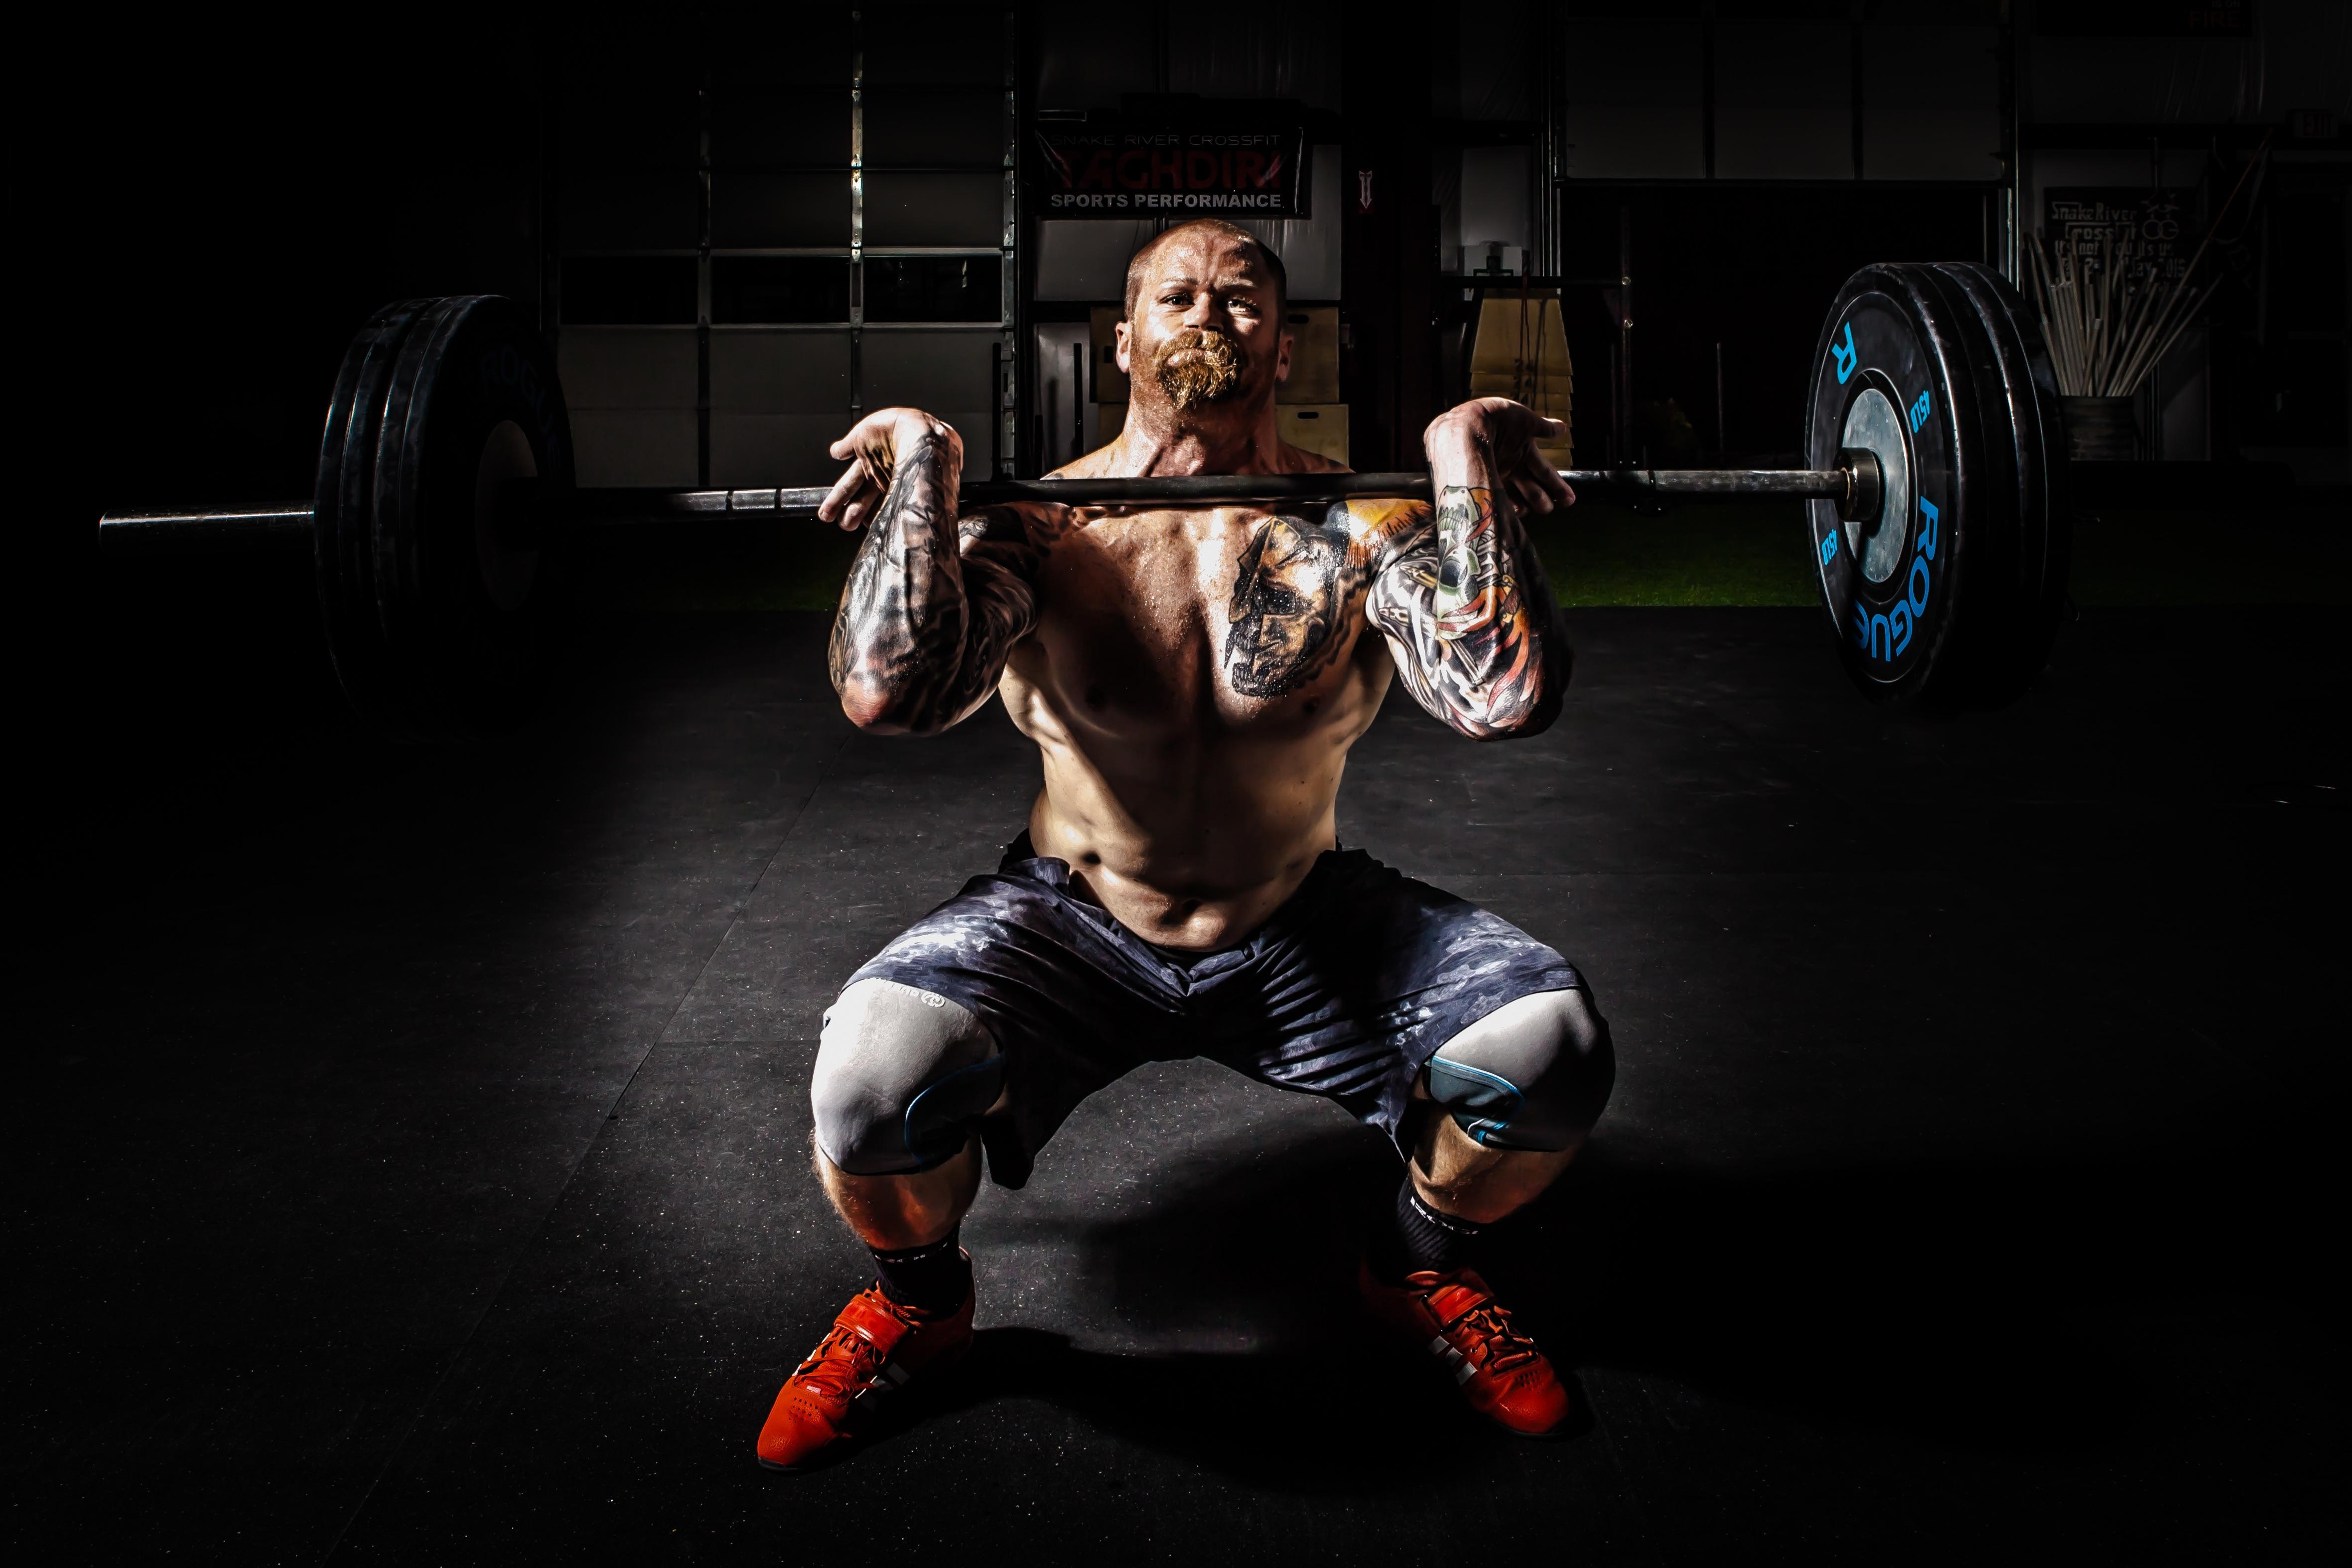 haltère la musculation effort exercice aptitude Gym homme muscles la  personne fort musculation 0c348bd8877